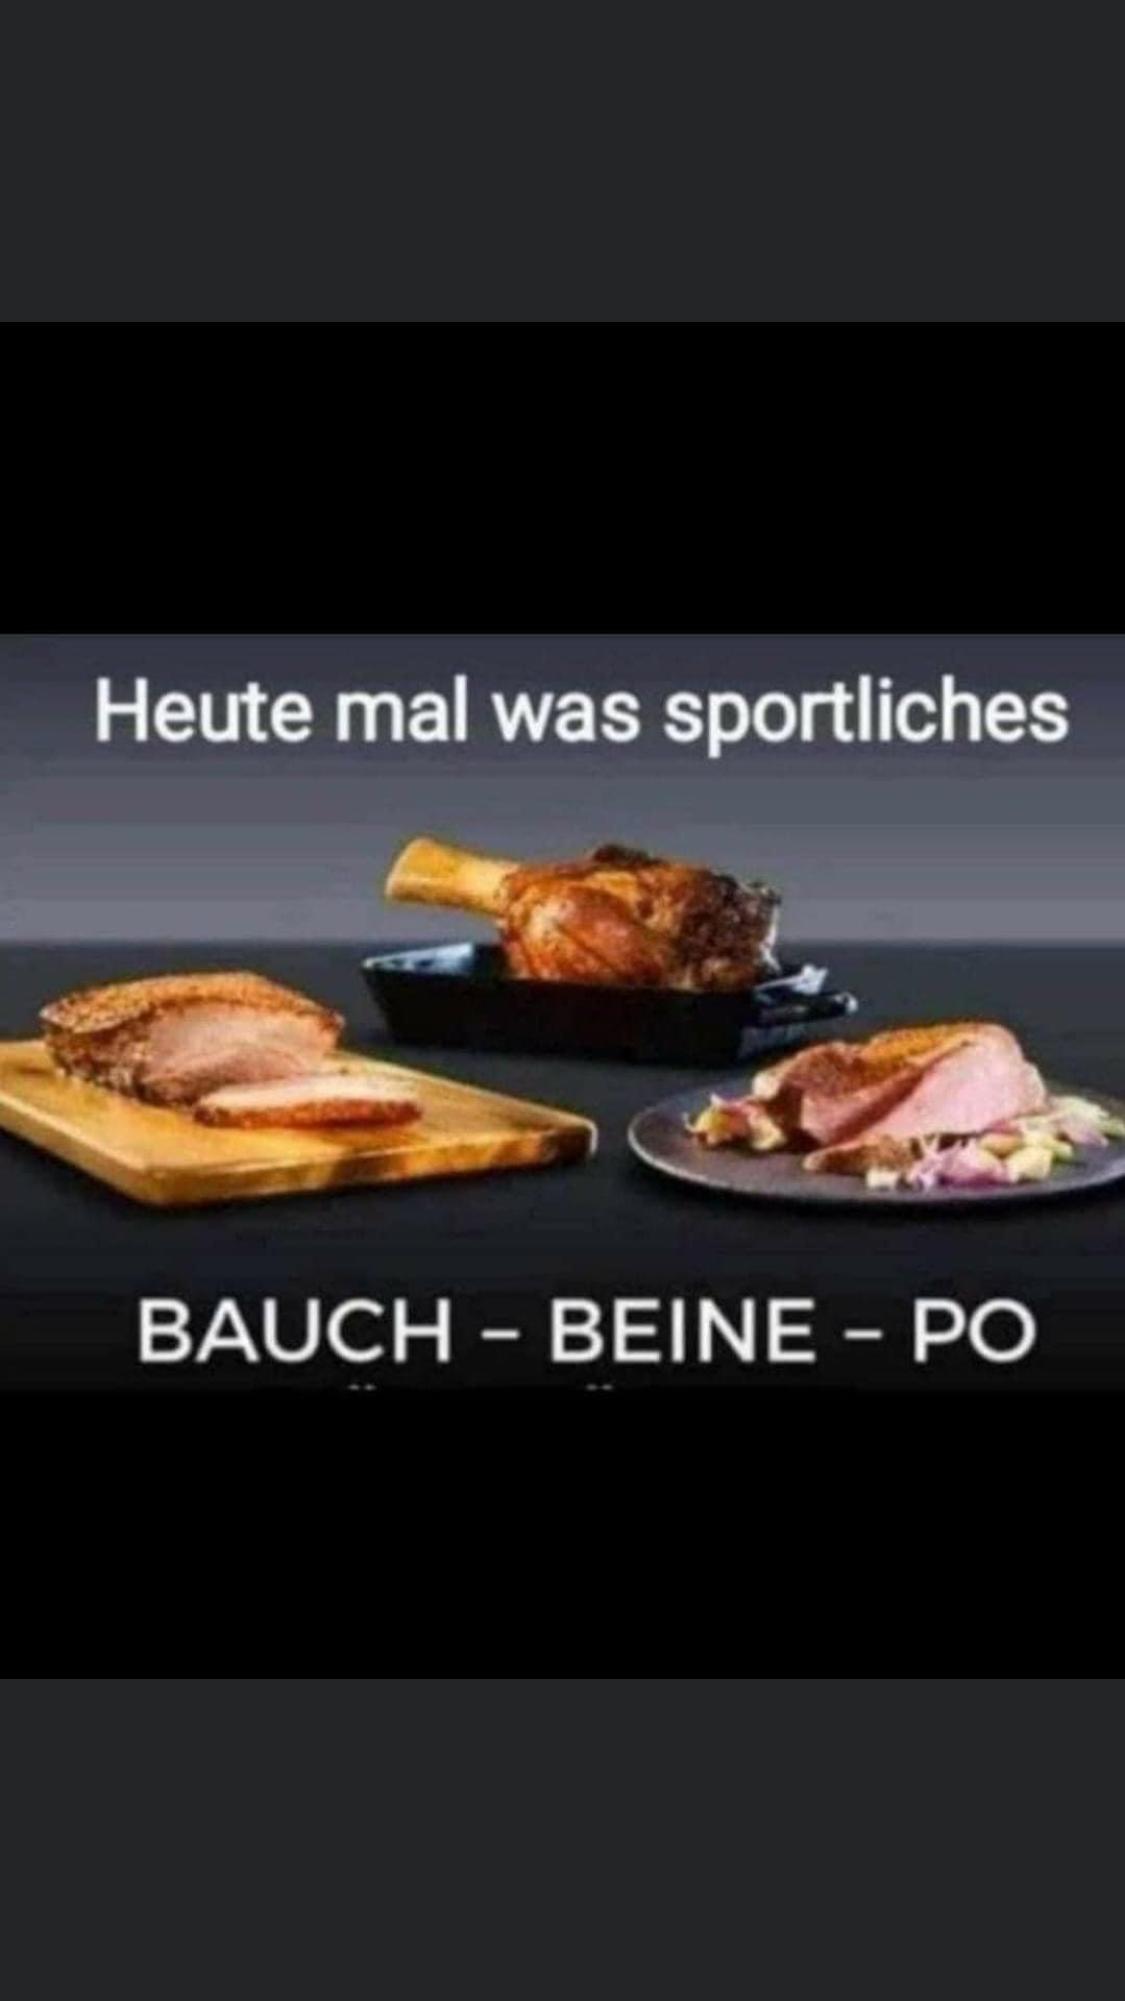 Bauch_Beine_Po[1].jpg